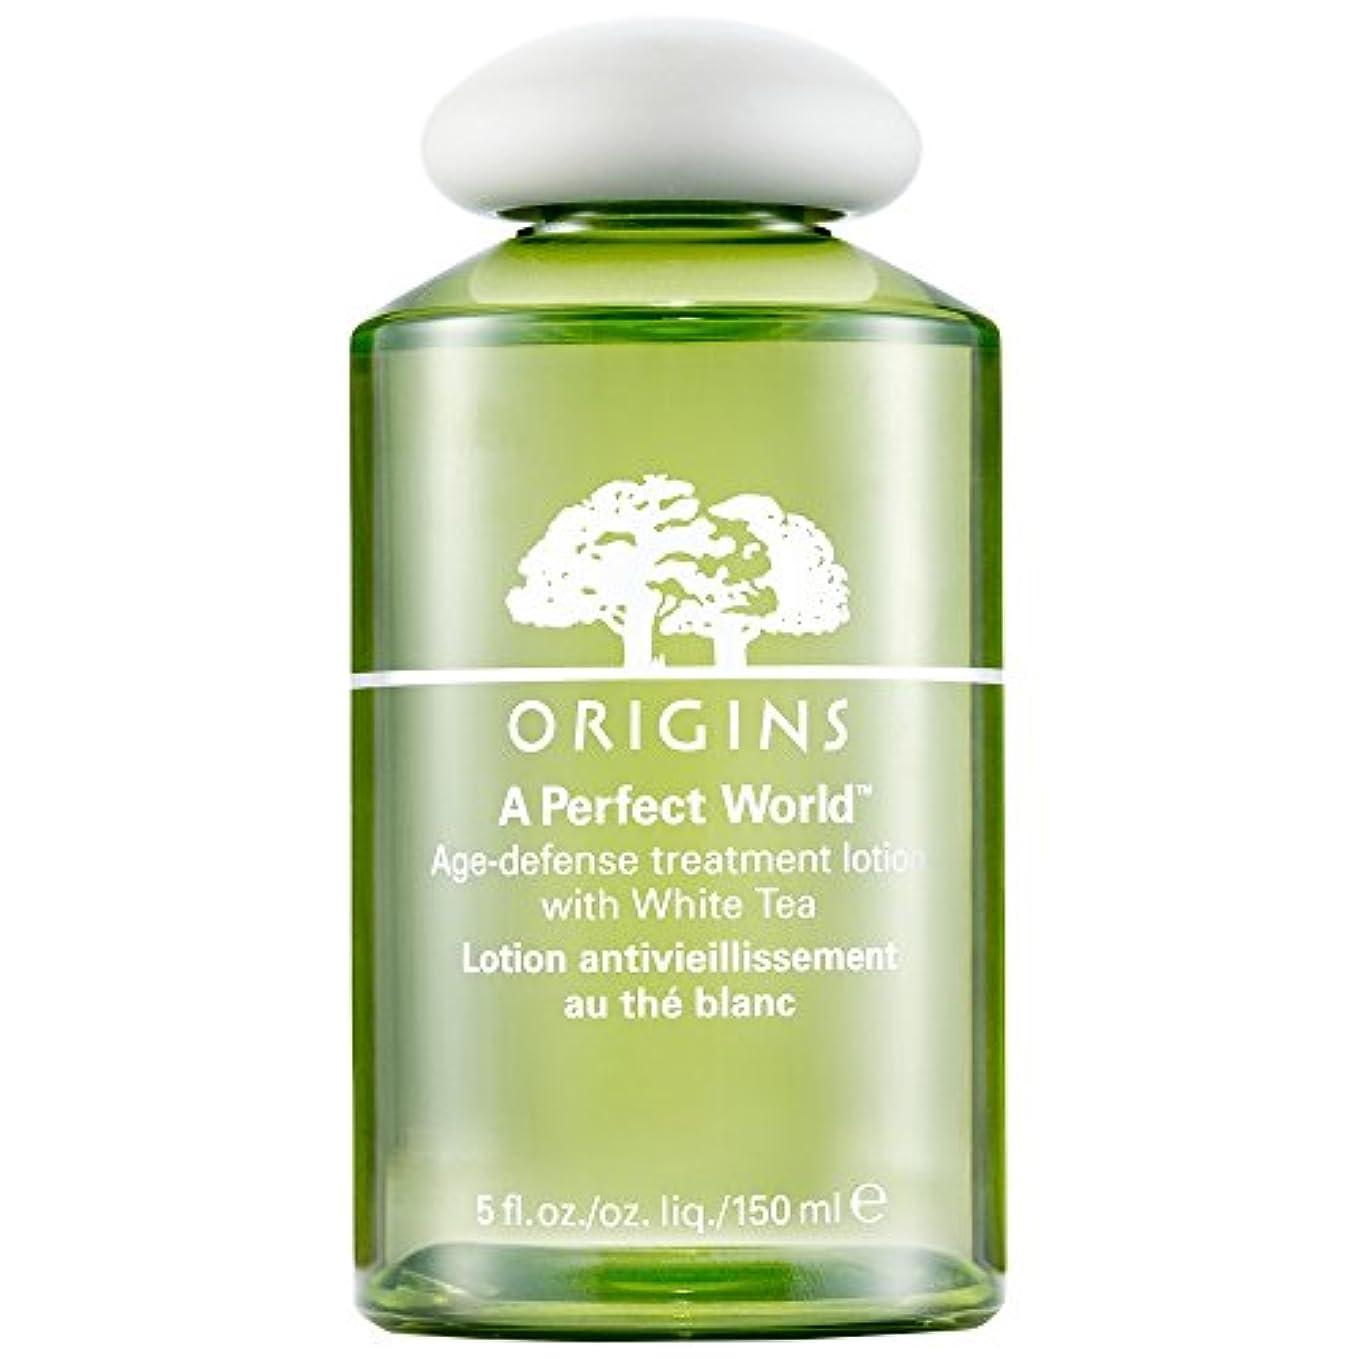 うぬぼれた楽しむ十分です起源ホワイトティー、150ミリリットルとの完璧な世界の年齢防衛トリートメントローション (Origins) (x6) - Origins A Perfect World Age Defense Treatment Lotion...